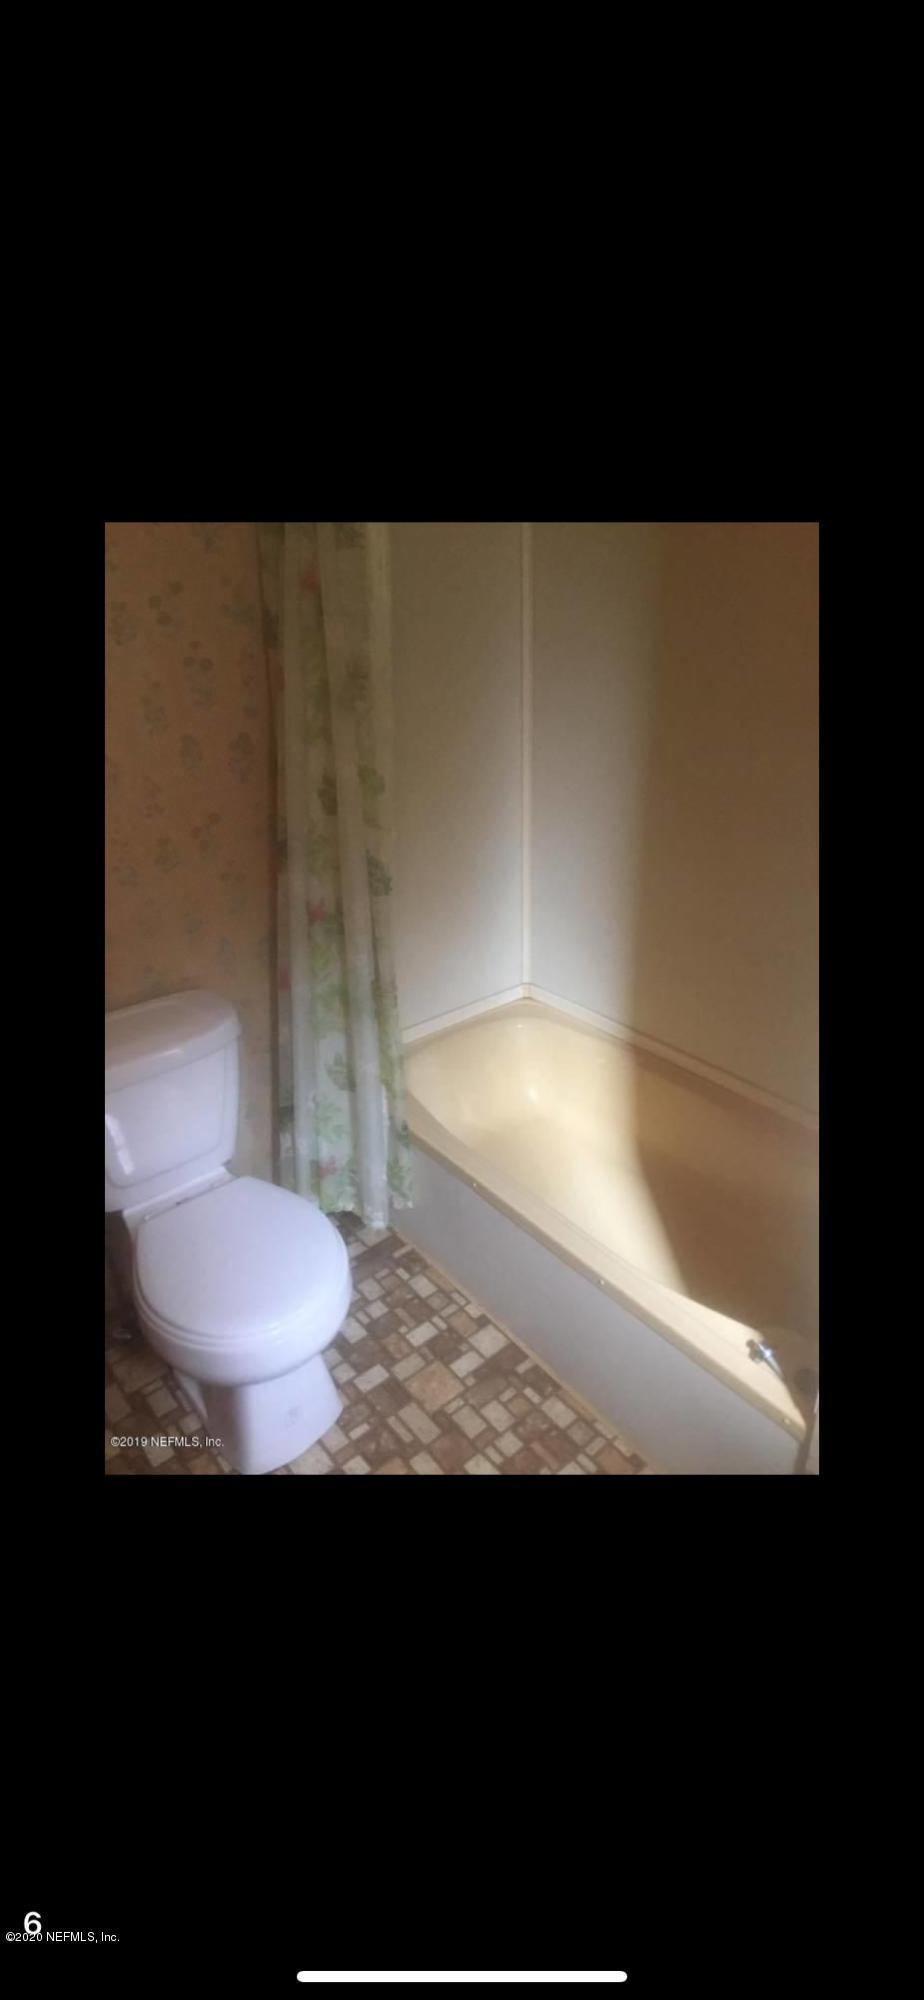 105 WEEKS, INTERLACHEN, FLORIDA 32148, 2 Bedrooms Bedrooms, ,1 BathroomBathrooms,Rental,For Rent,WEEKS,1081291